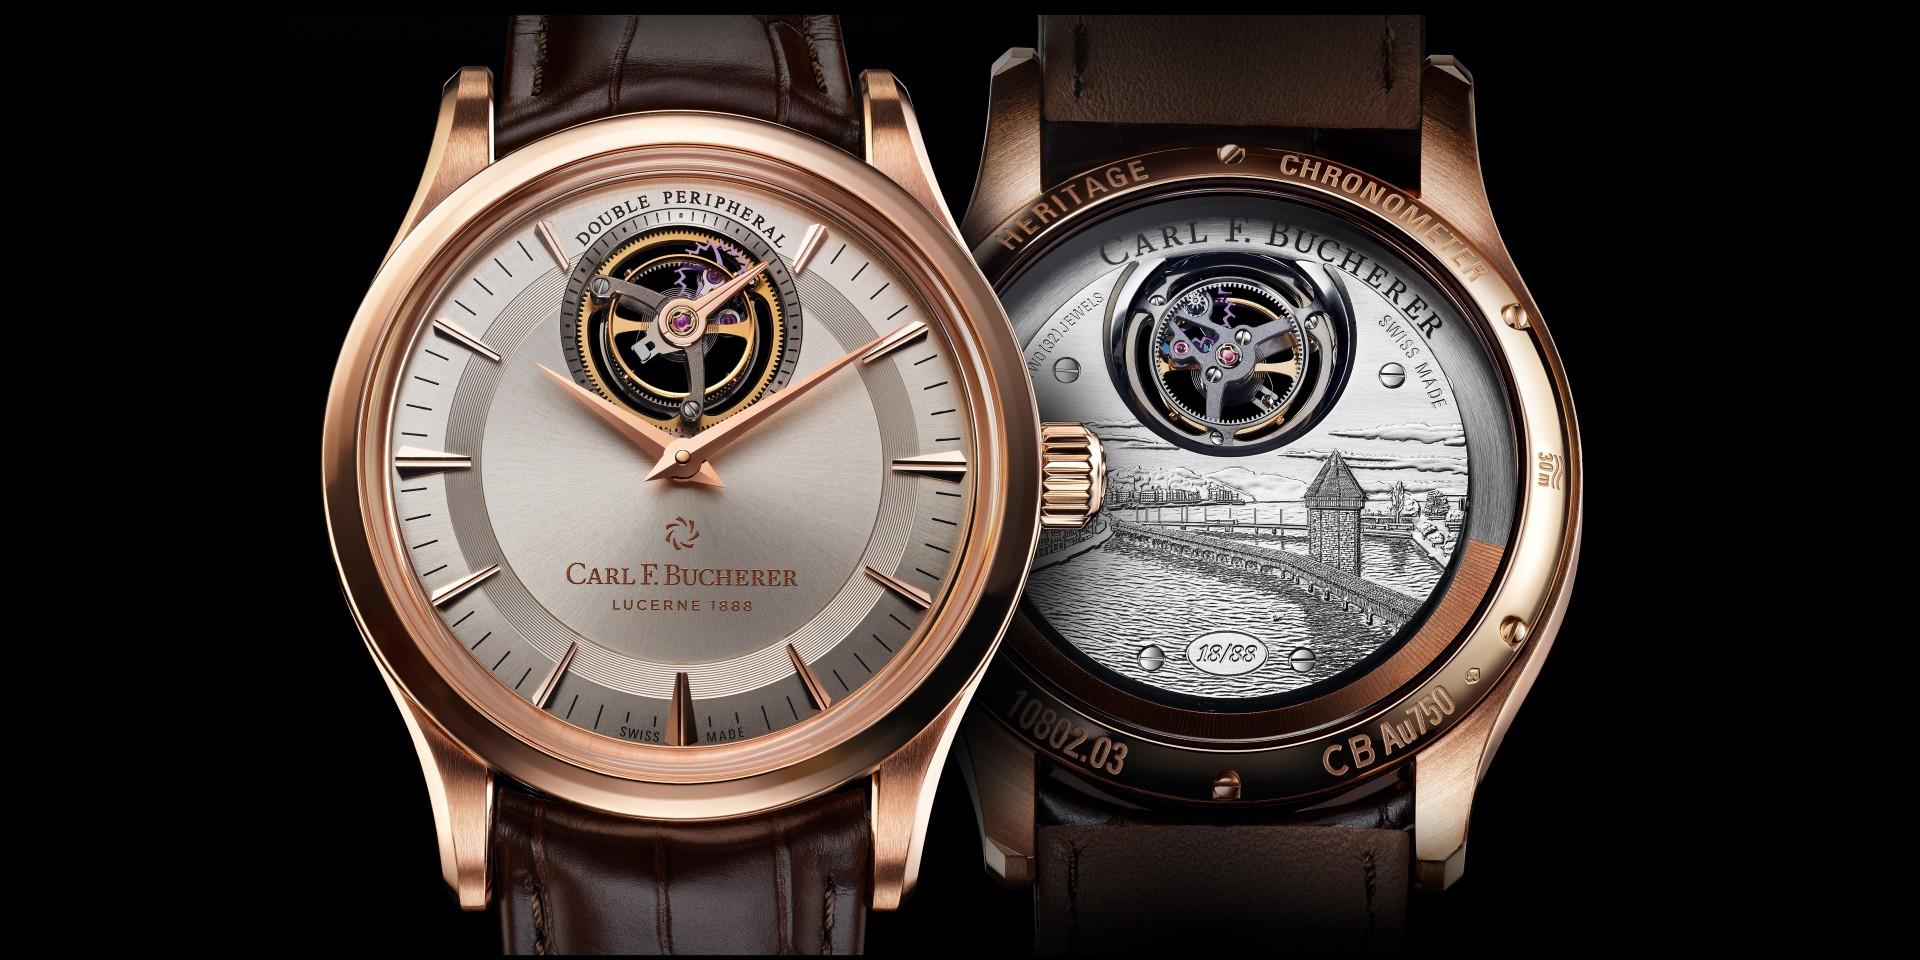 寶齊萊隆重推出Heritage Tourbillon Double Peripheral 傳承系列雙外緣陀飛輪限量腕錶